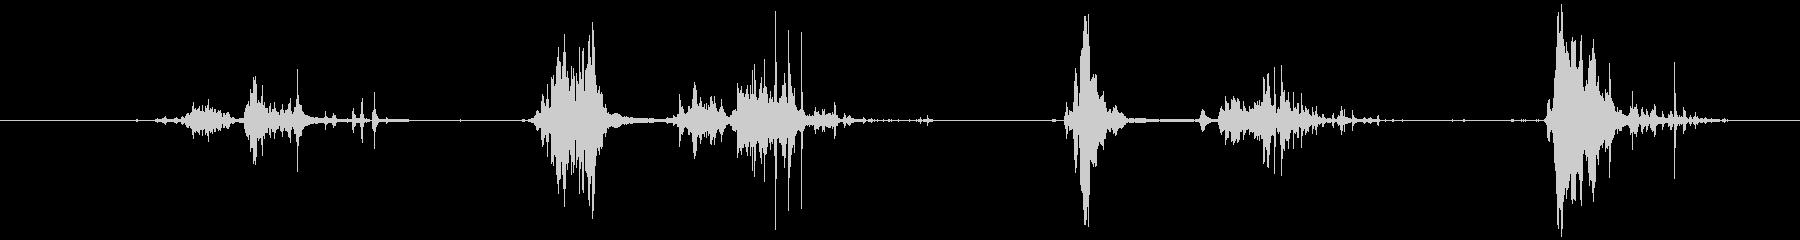 フリントイグナイター:ショートラピ...の未再生の波形